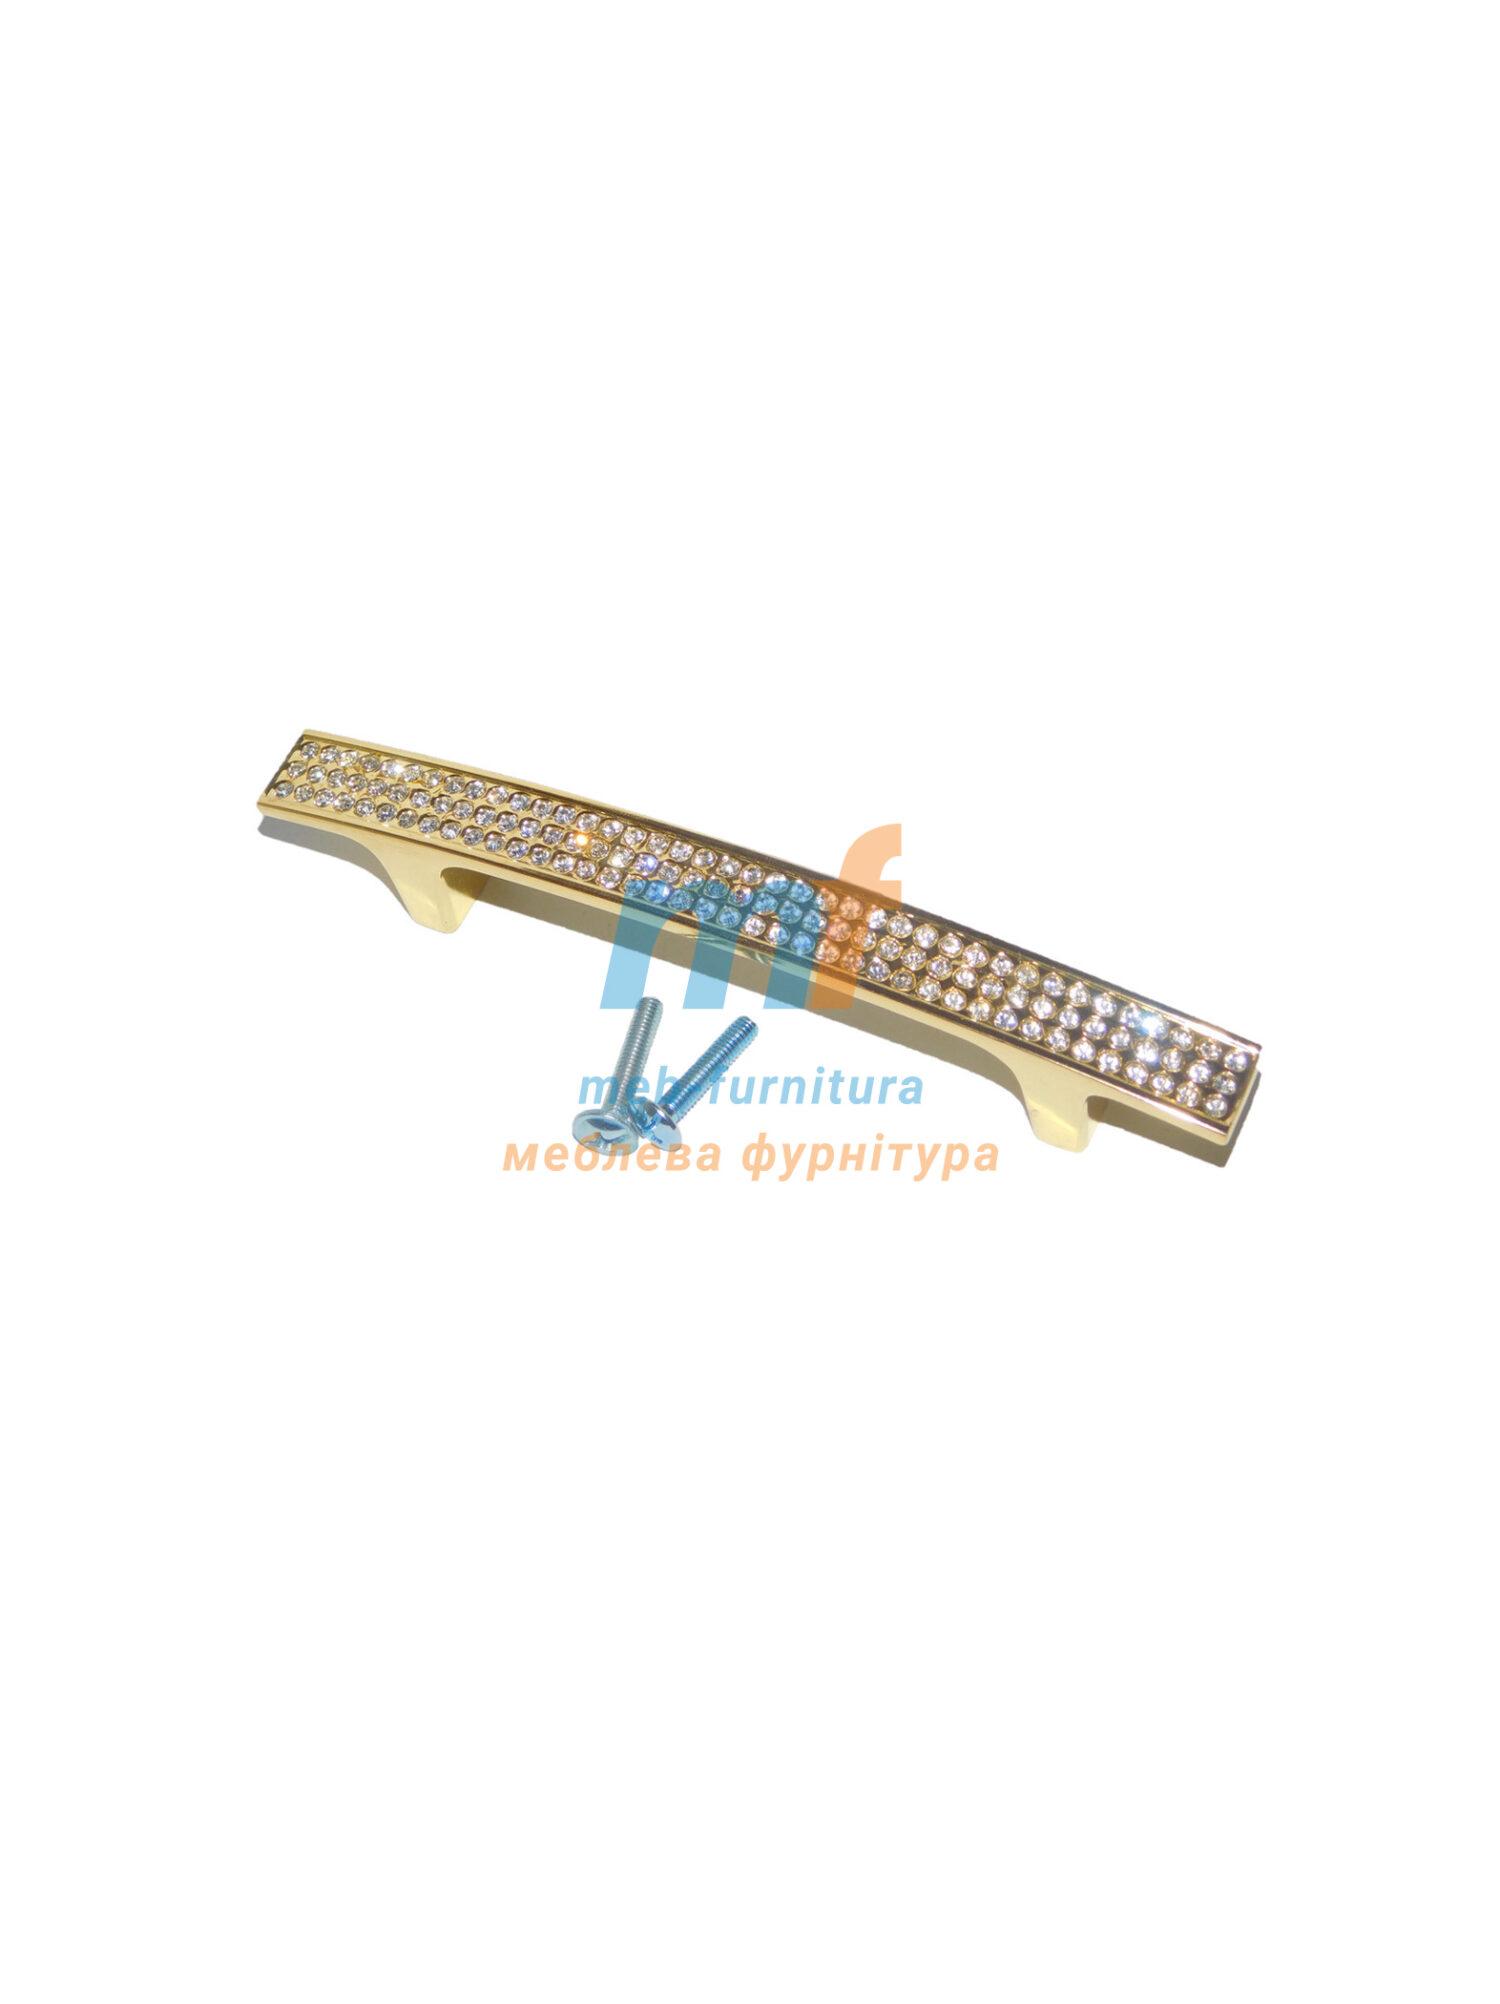 Ручка мебельная KRISTAL 05-96mm Золото